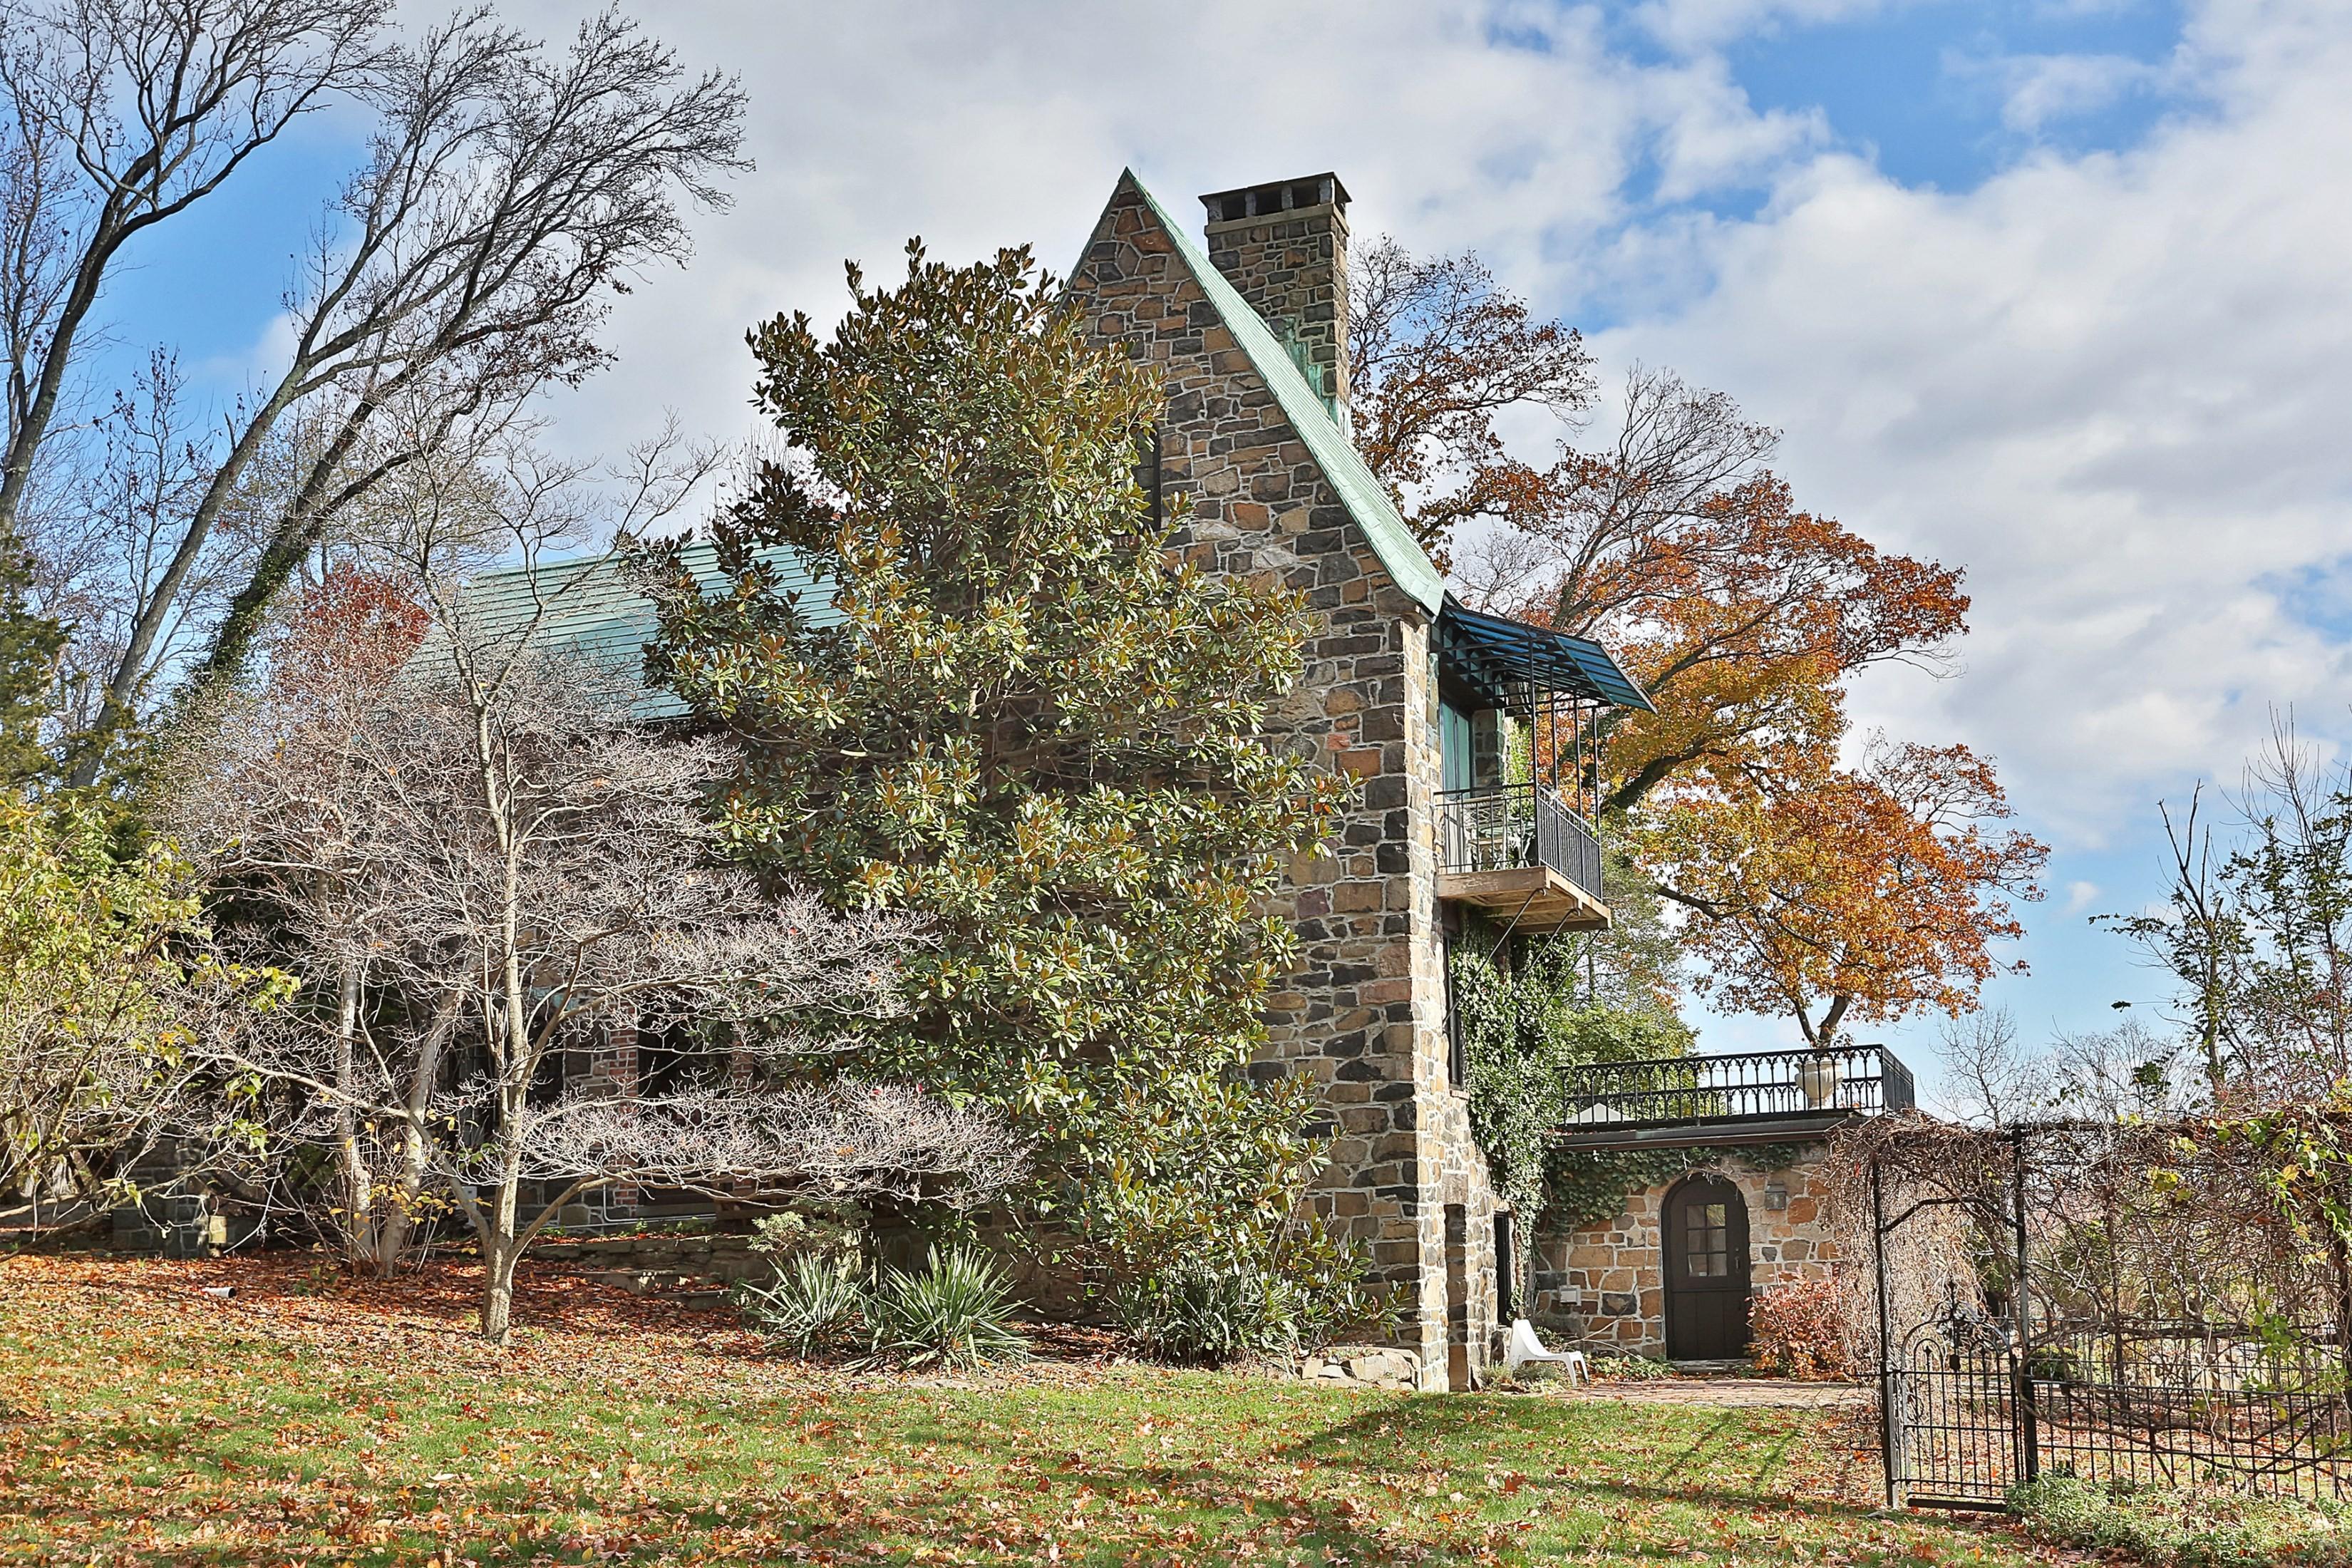 独户住宅 为 销售 在 Stunning, Romantic Home Overlooking the Hudson 39 Woods Road Palisades, 纽约州 10964 美国